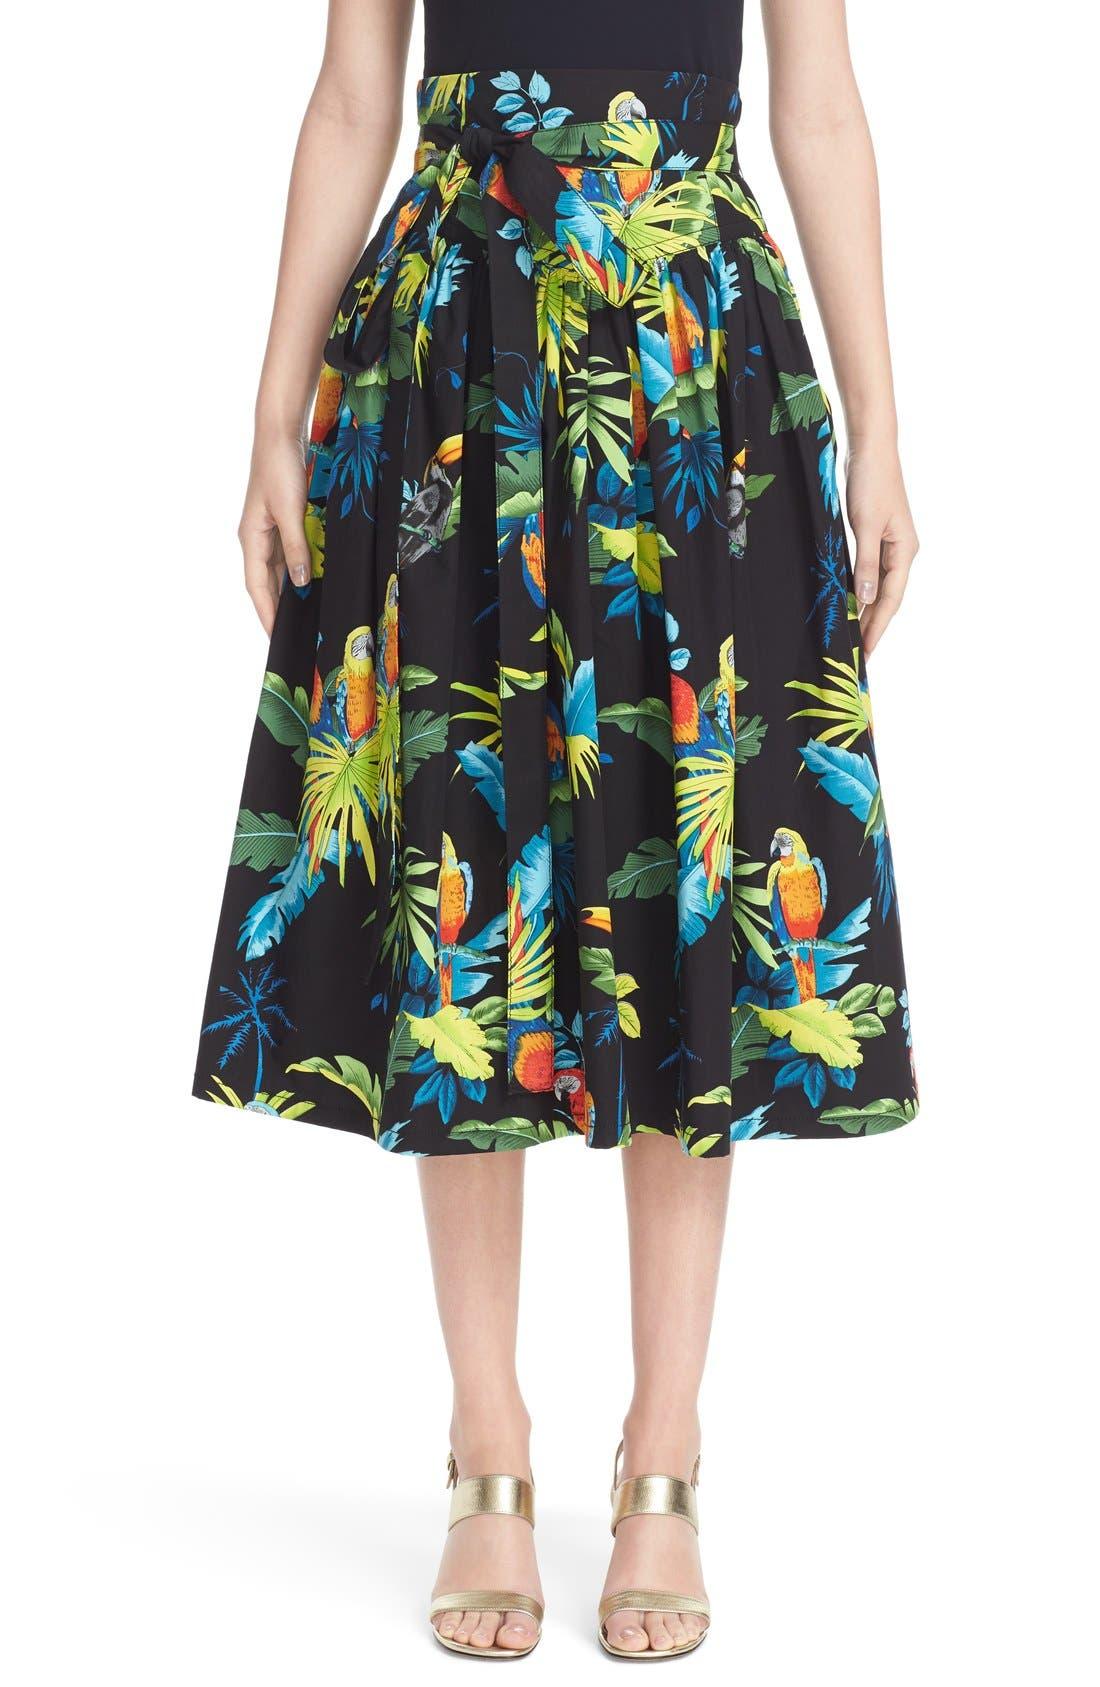 Alternate Image 1 Selected - MARC JACOBS Parrot Print Cotton Poplin Full Skirt